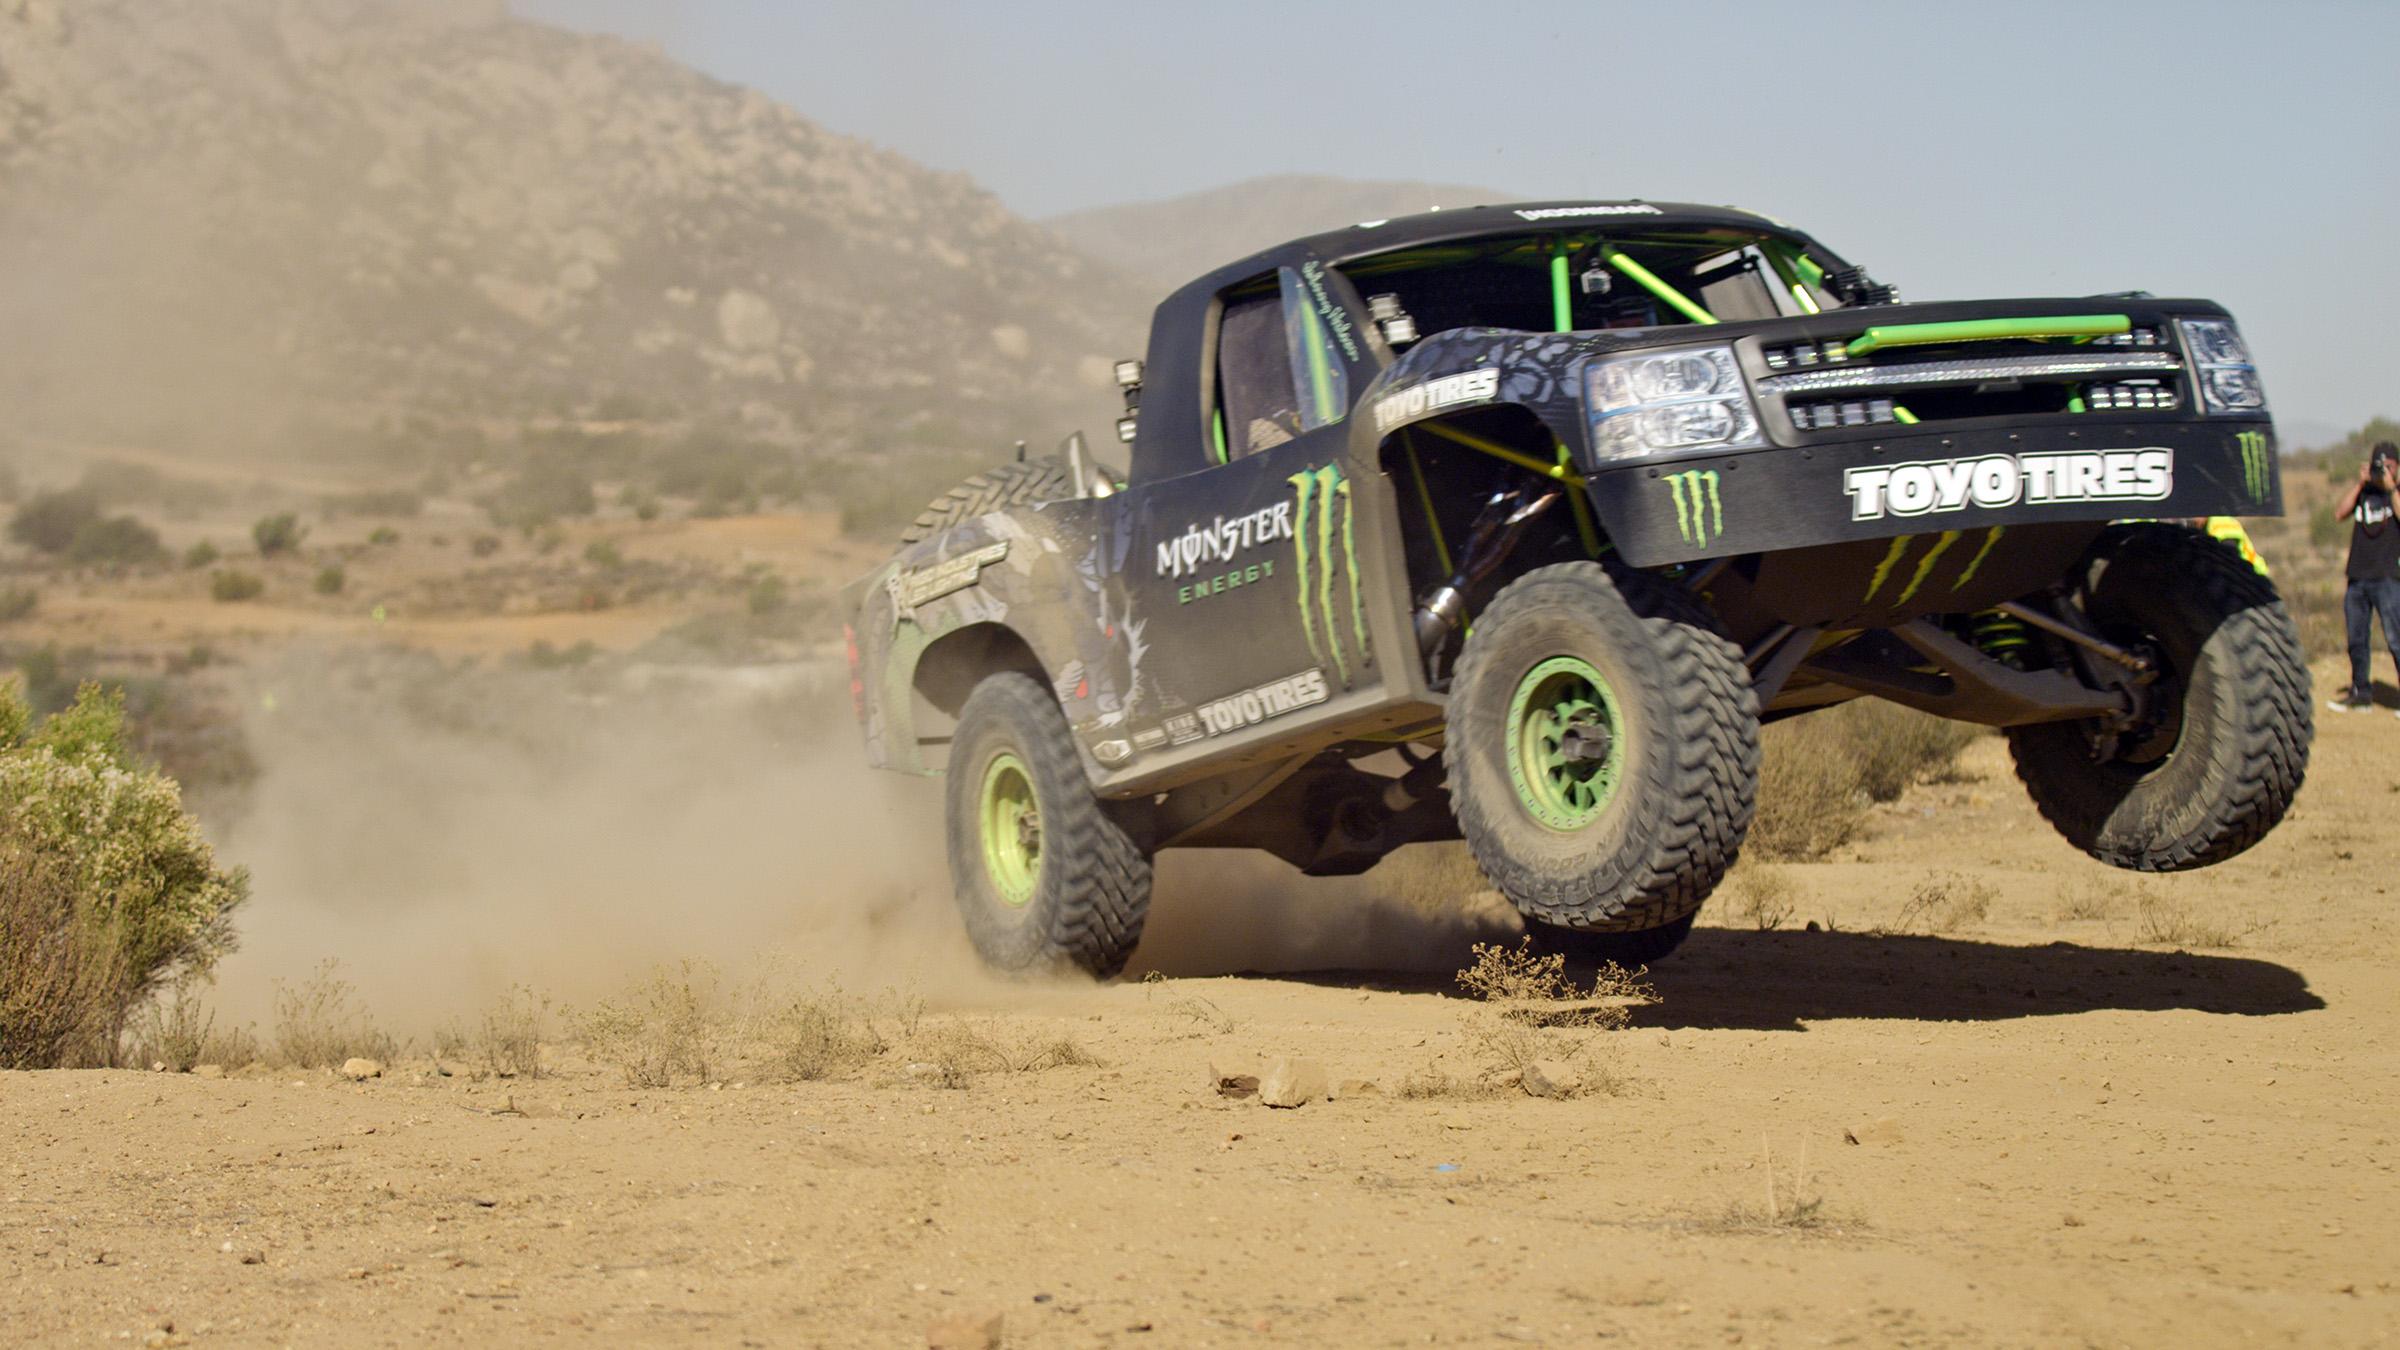 Baja 1000 off-Road Racing - Trophy Truck - JustAuto.net